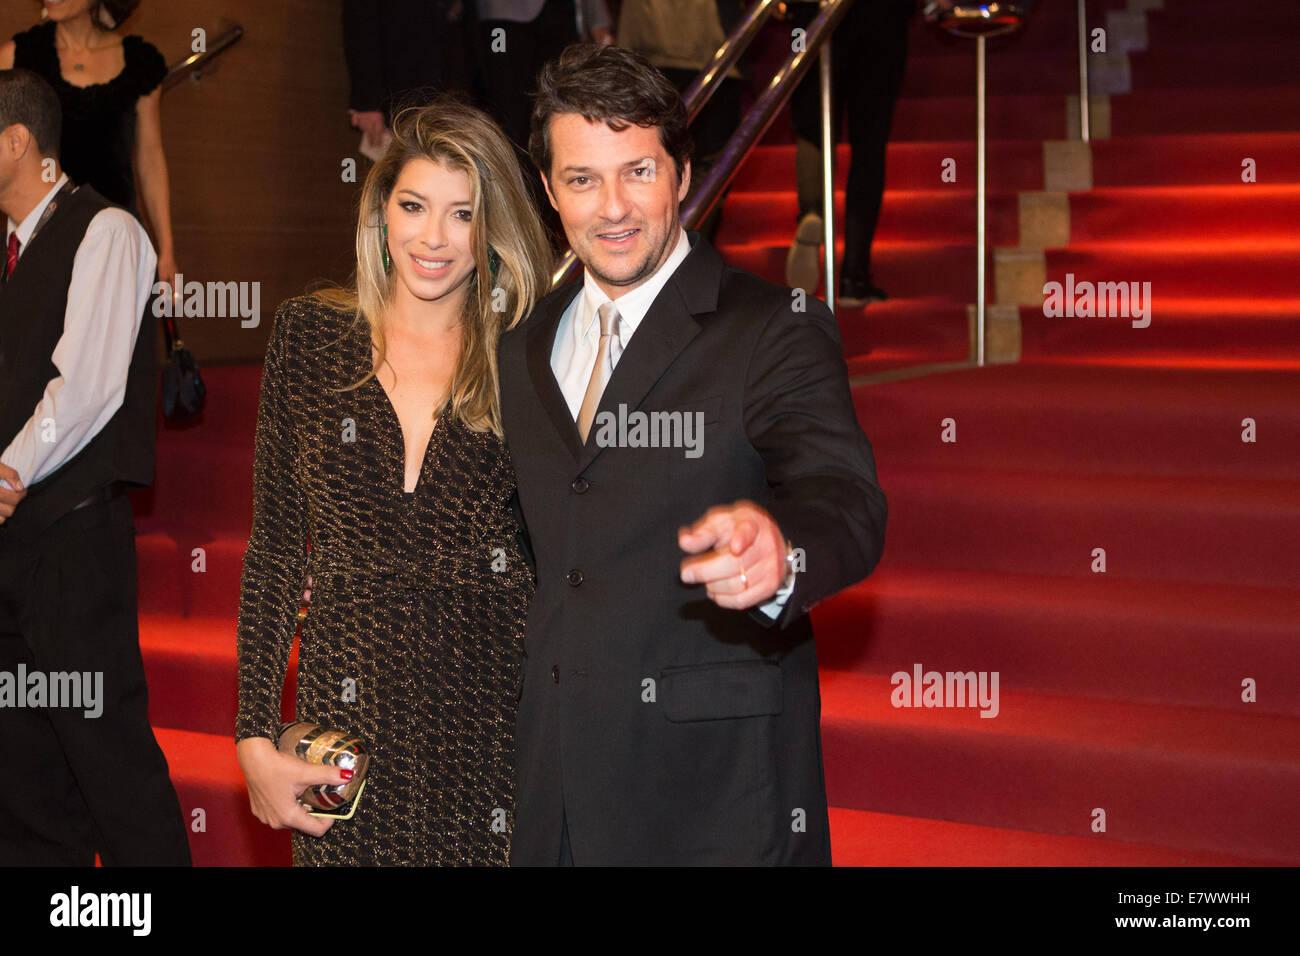 Rio De Janeiro, Brazil. 24th Sep, 2014. Brazilian actor Marcelo Serrado and his wife Roberta Fernandes on the red - Stock Image